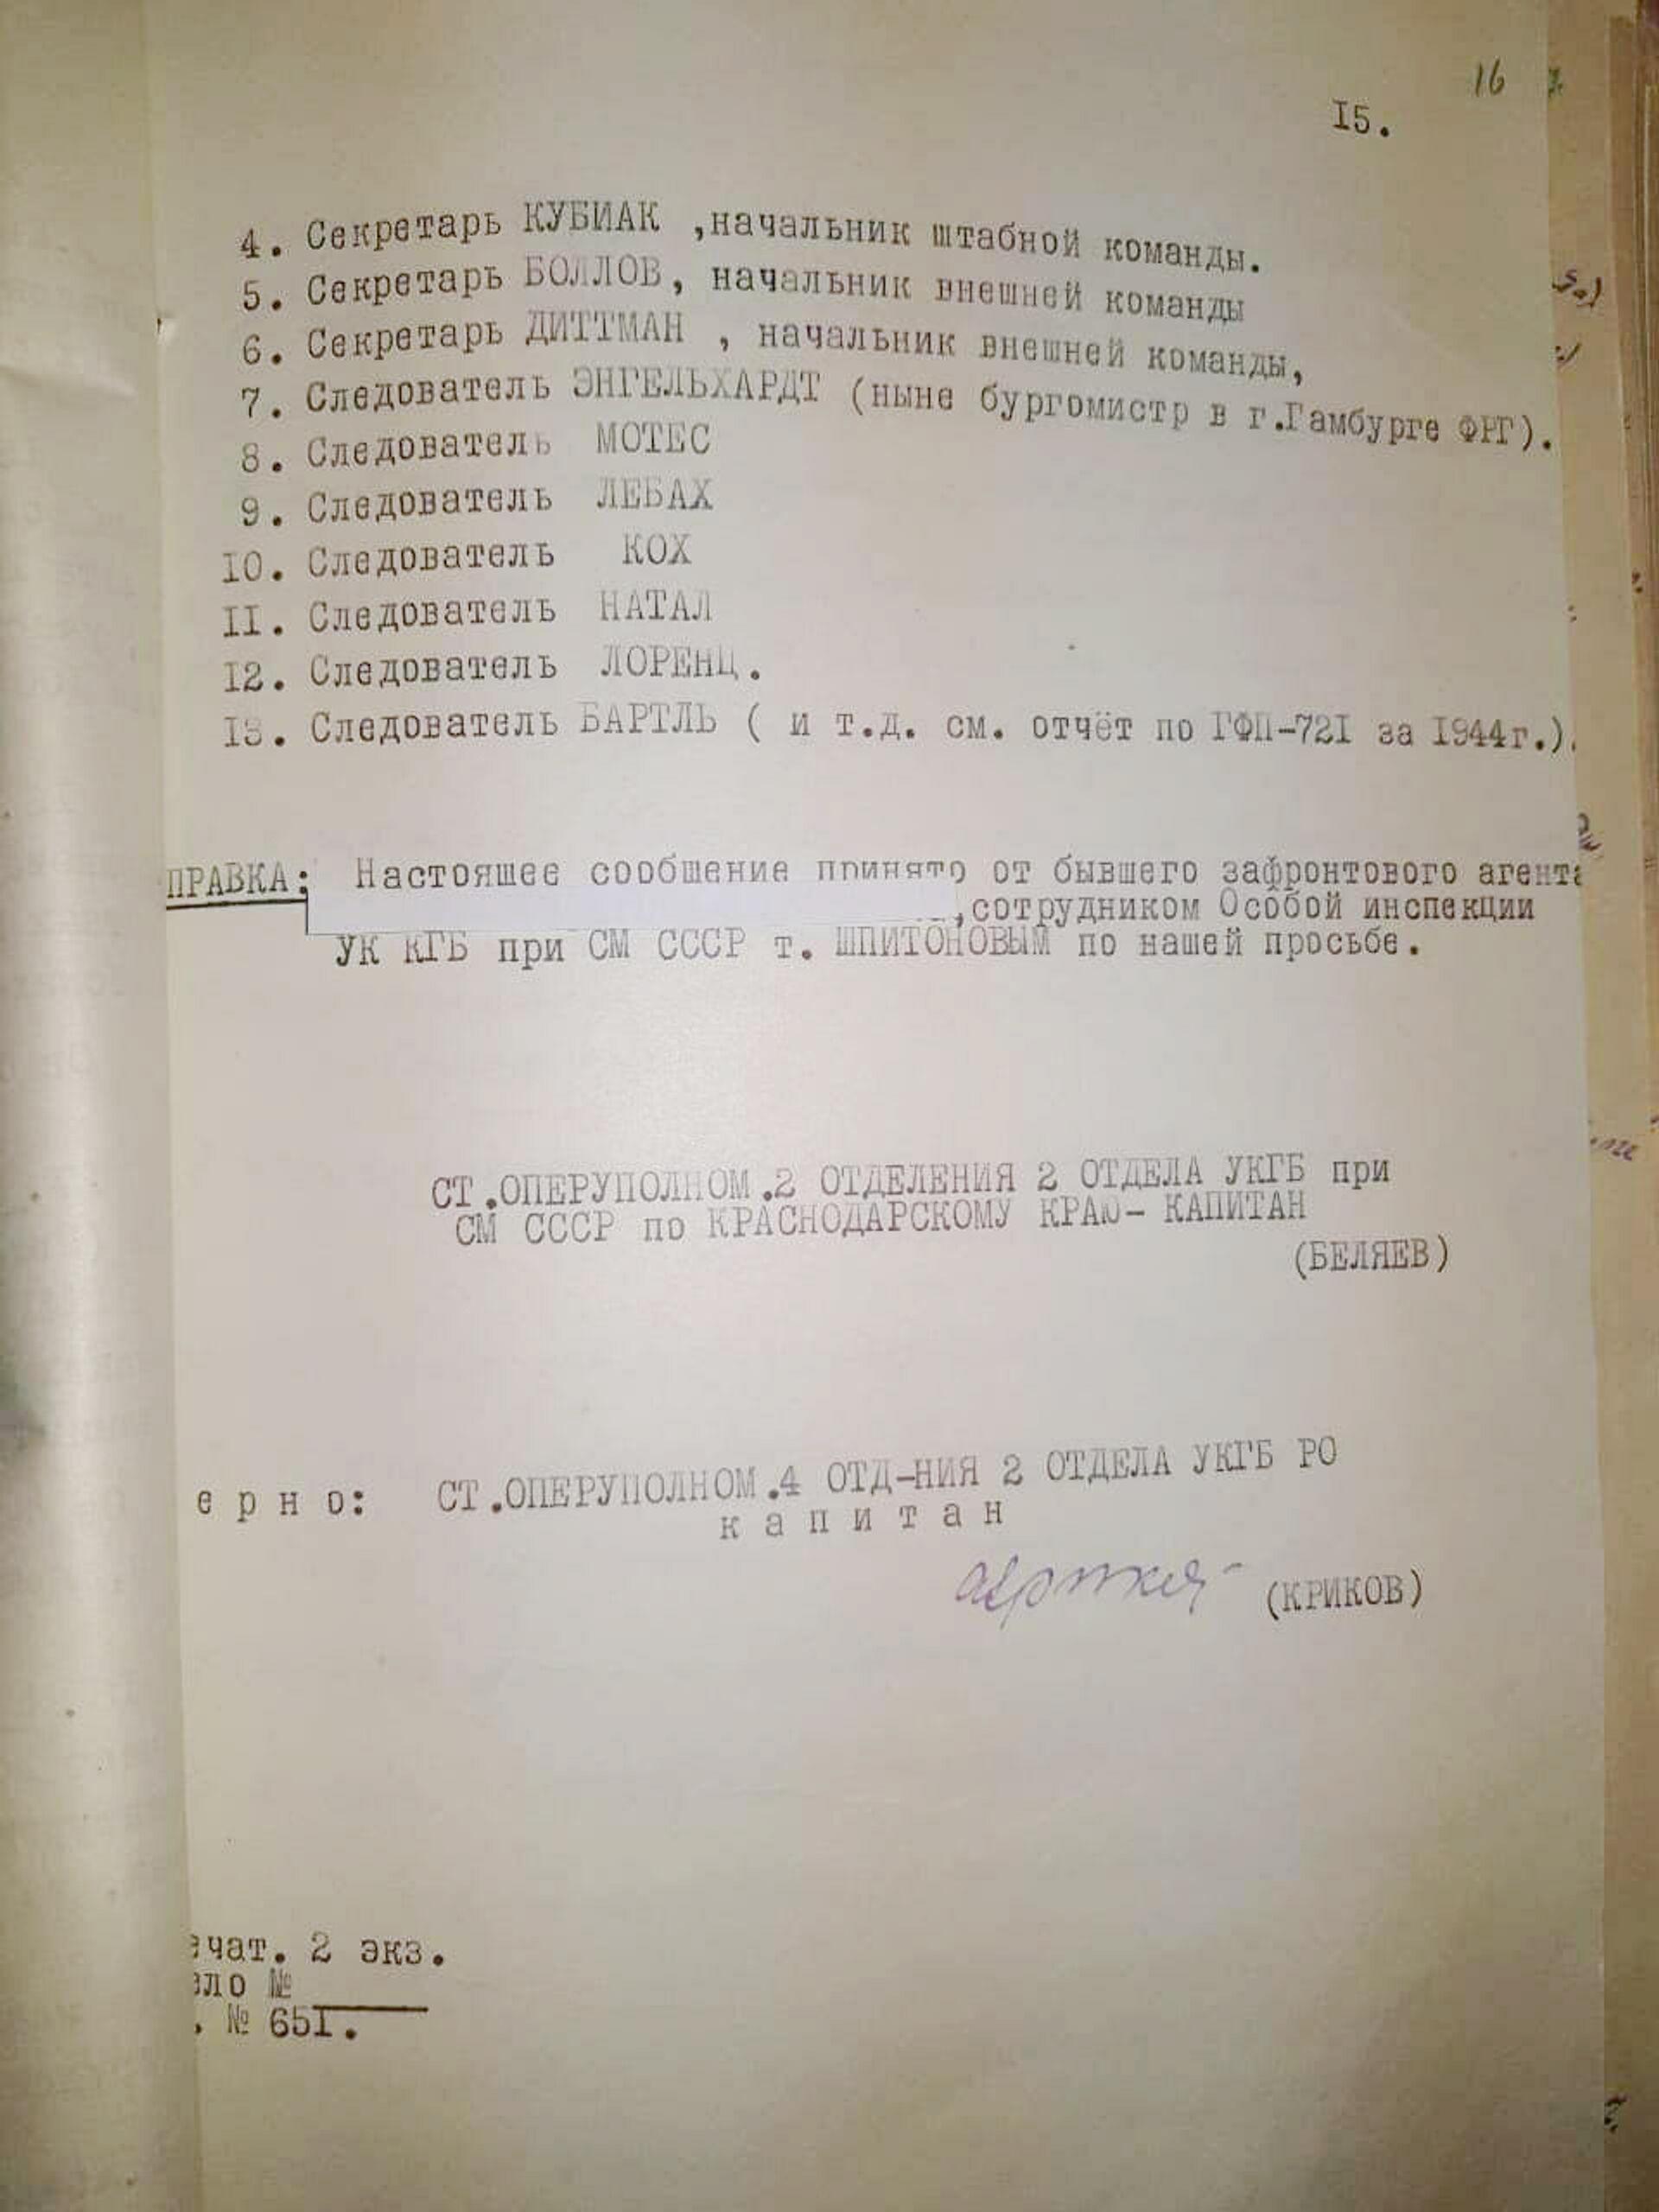 Стали известны предатели, помогавшие гитлеровцам убивать граждан на юго-западе СССР - РИА Новости, 1920, 10.11.2020